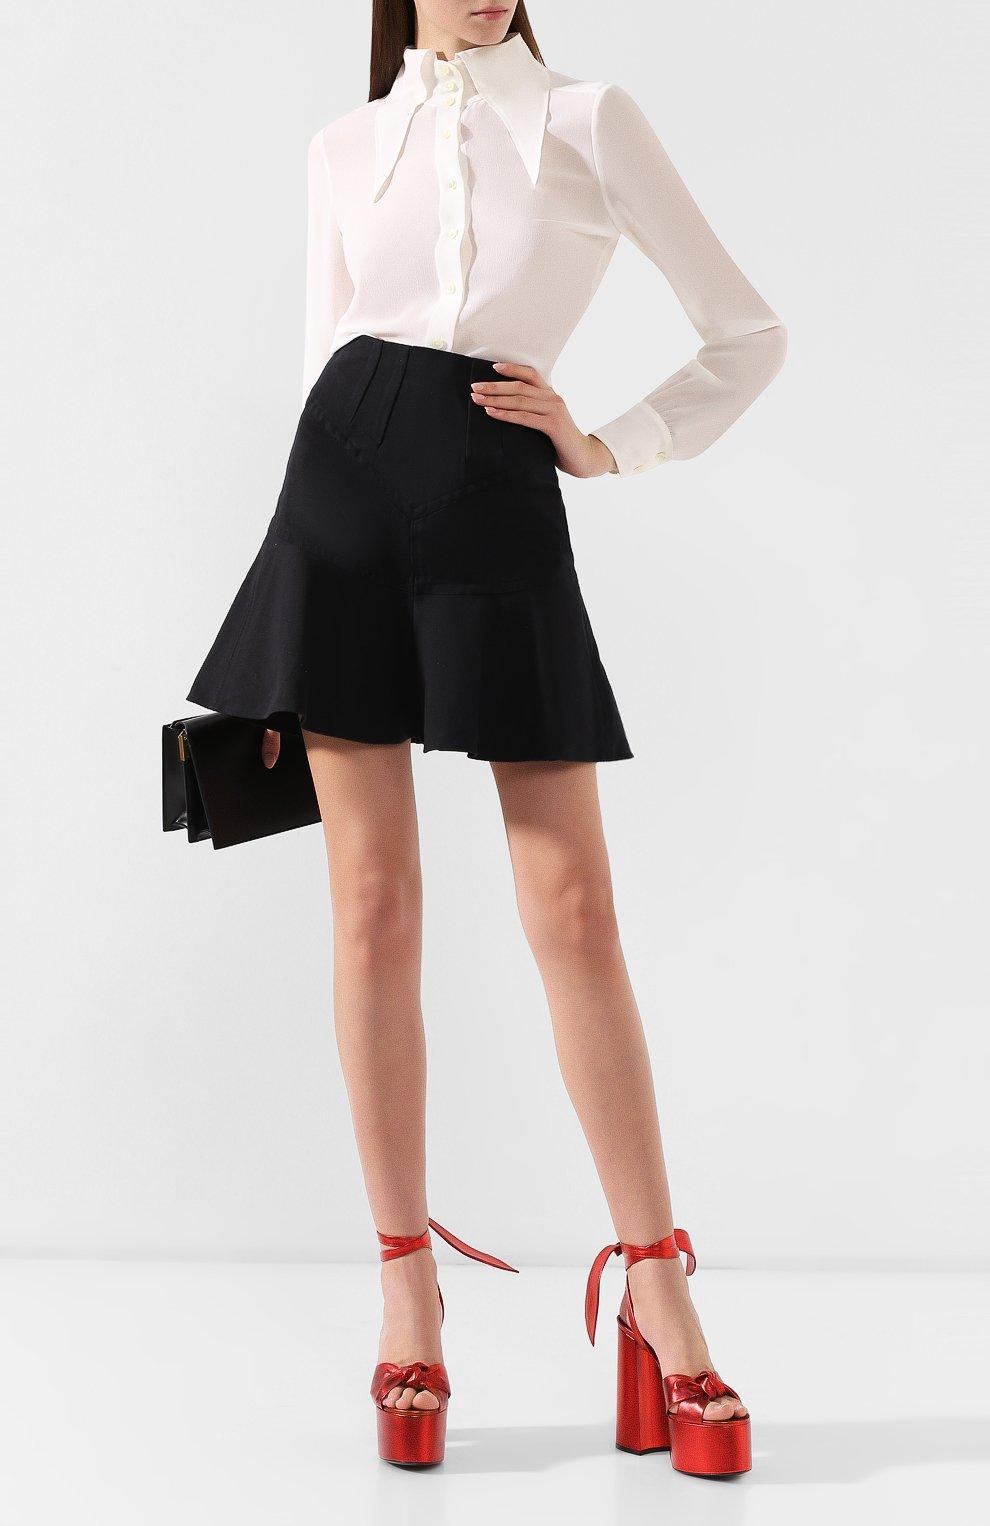 Кожаные босоножки Paige Saint Laurent красные | Фото №2